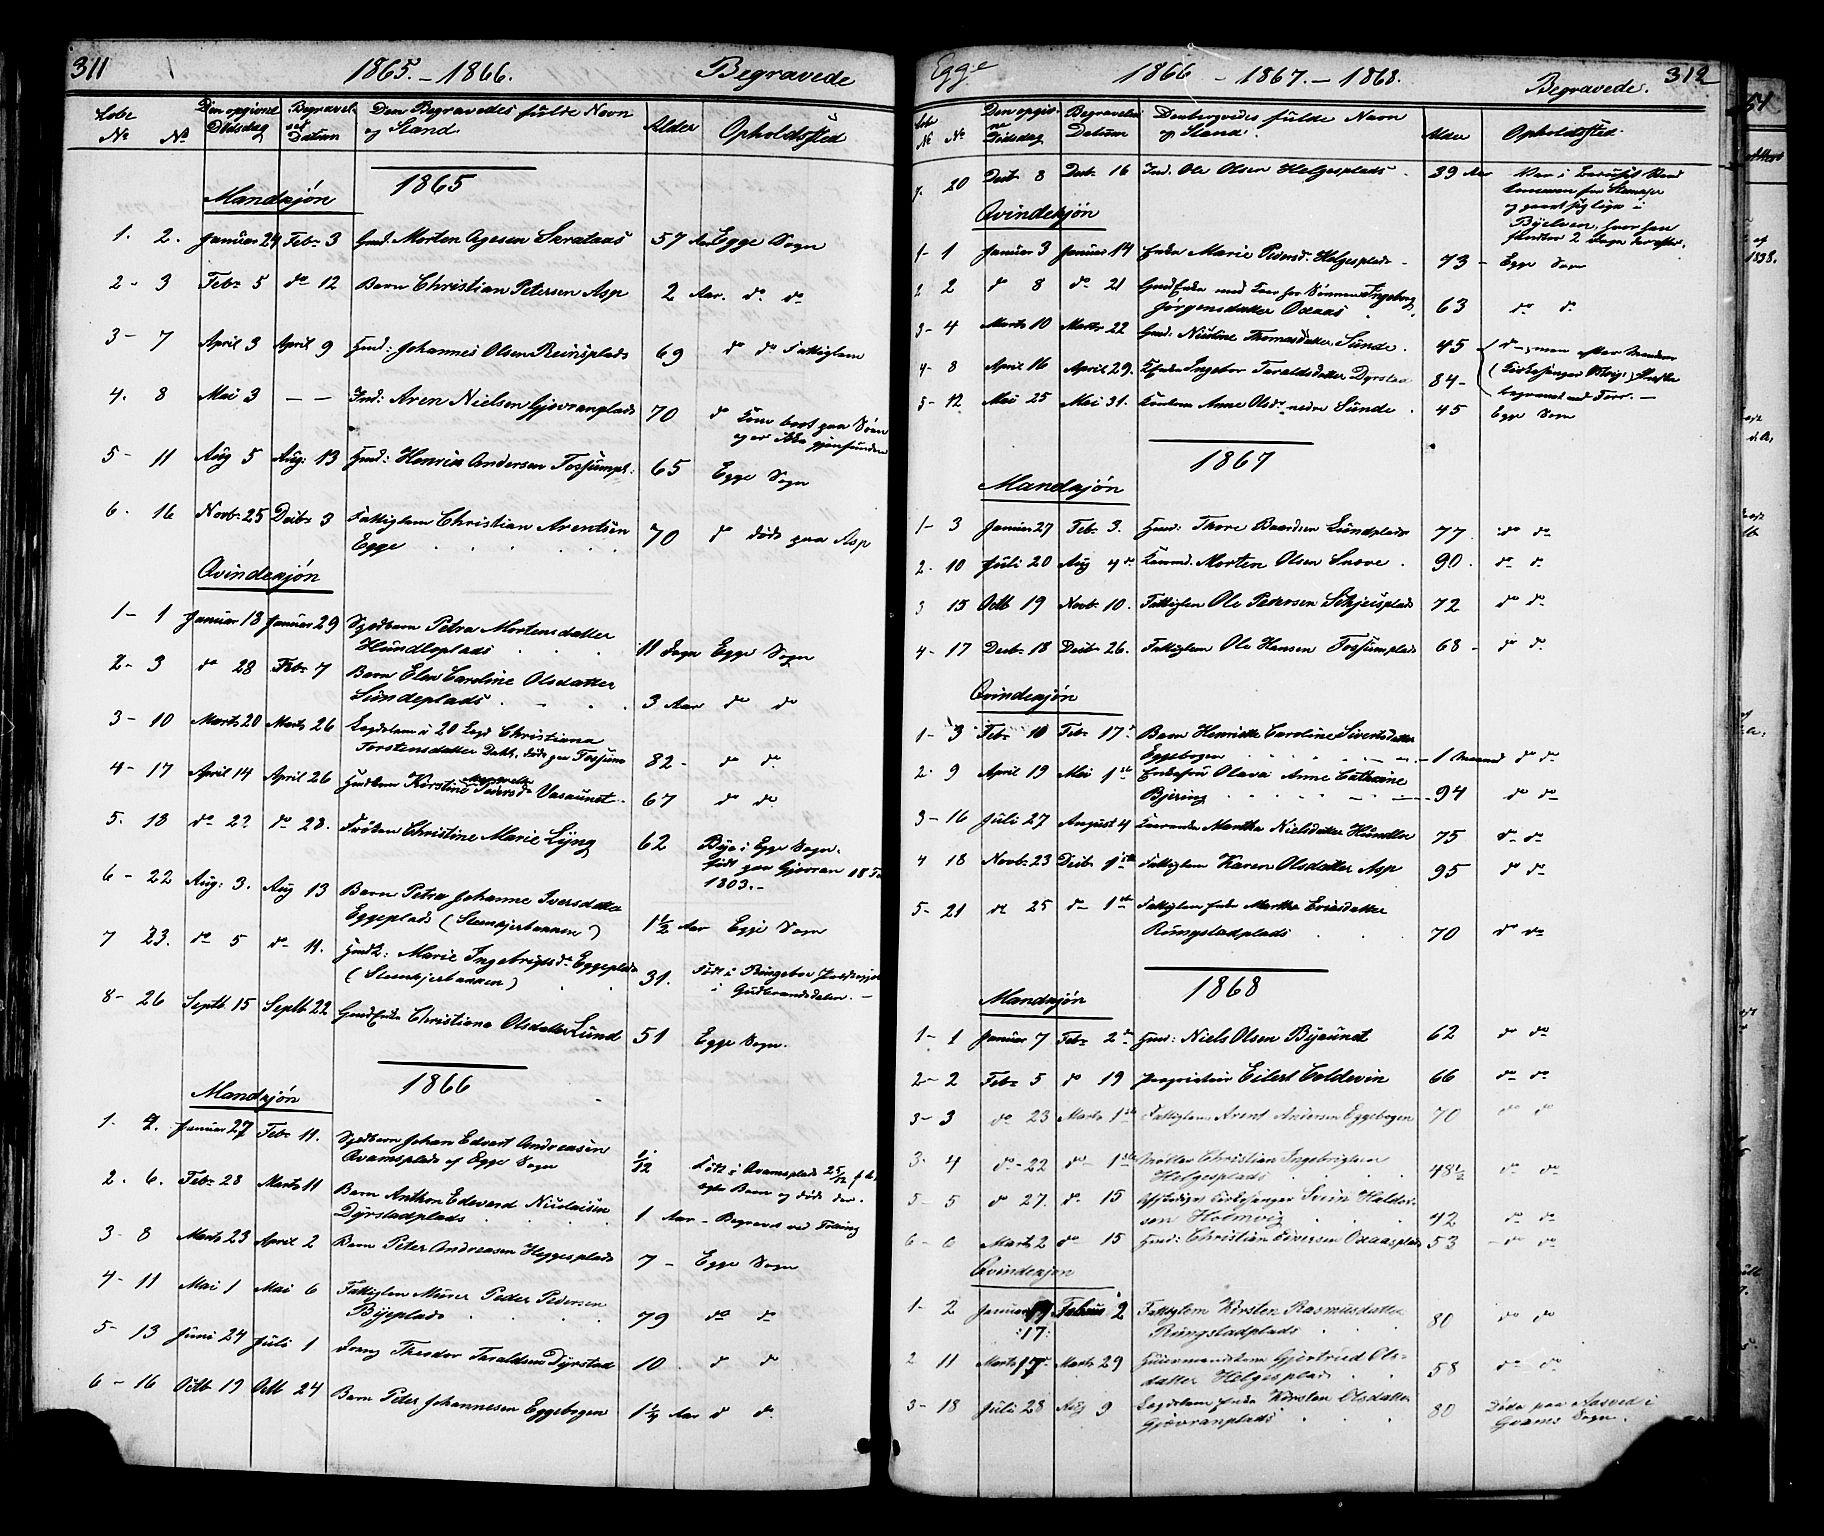 SAT, Ministerialprotokoller, klokkerbøker og fødselsregistre - Nord-Trøndelag, 739/L0367: Ministerialbok nr. 739A01 /3, 1838-1868, s. 311-312